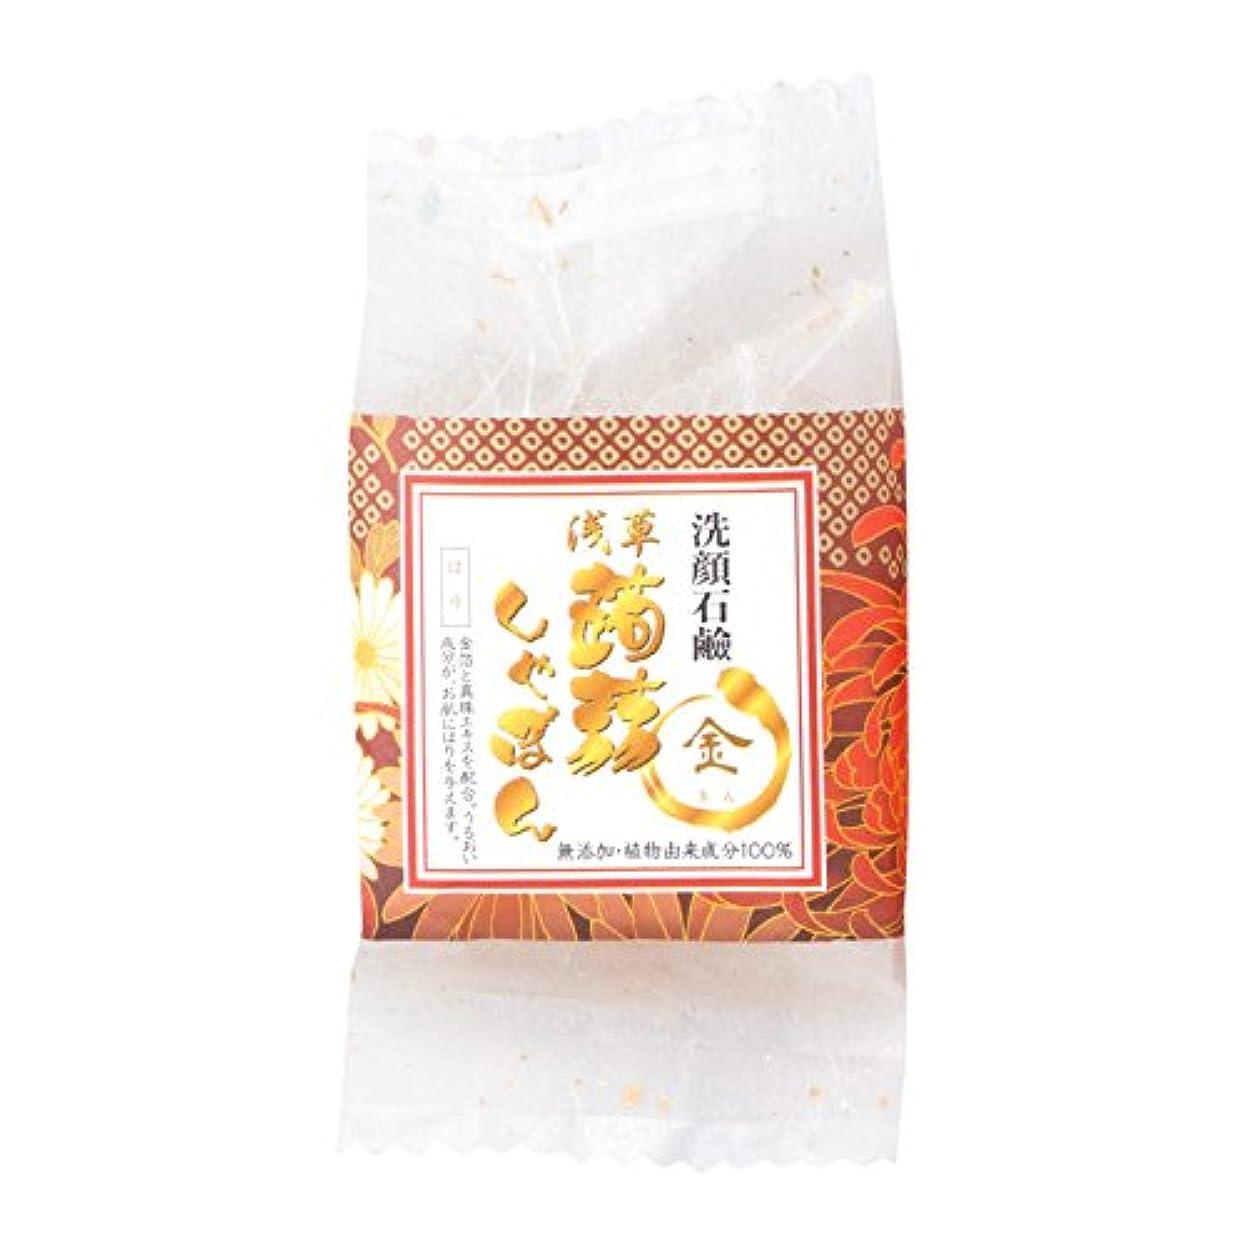 浅草蒟蒻しゃぼん浅草 金(きん)